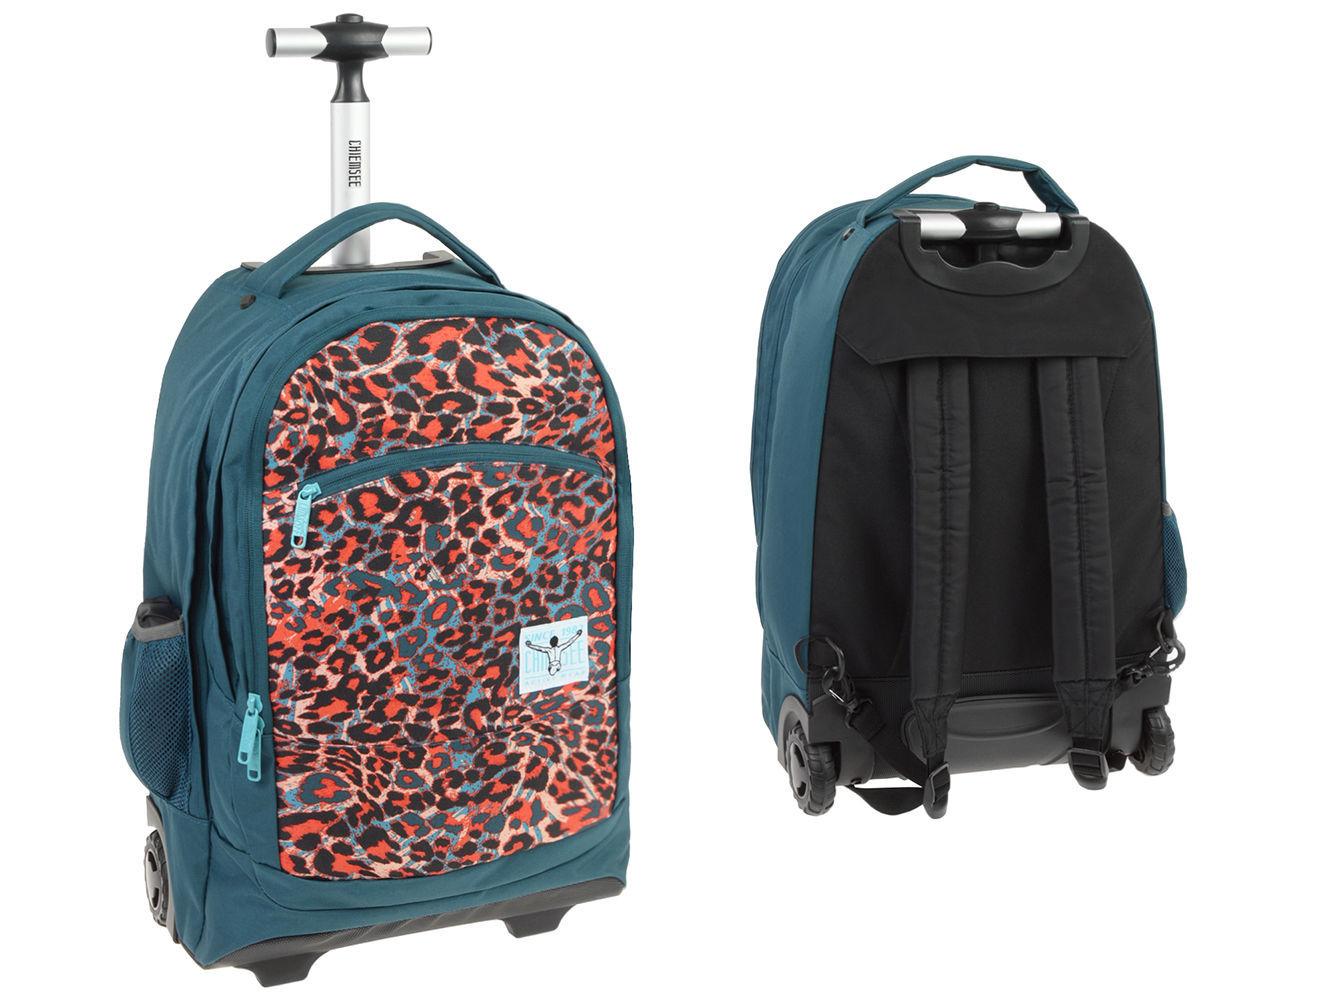 0fad223bfe2b1 Chiemsee plecak szkolny na kółkach hama - 7383557498 - oficjalne ...